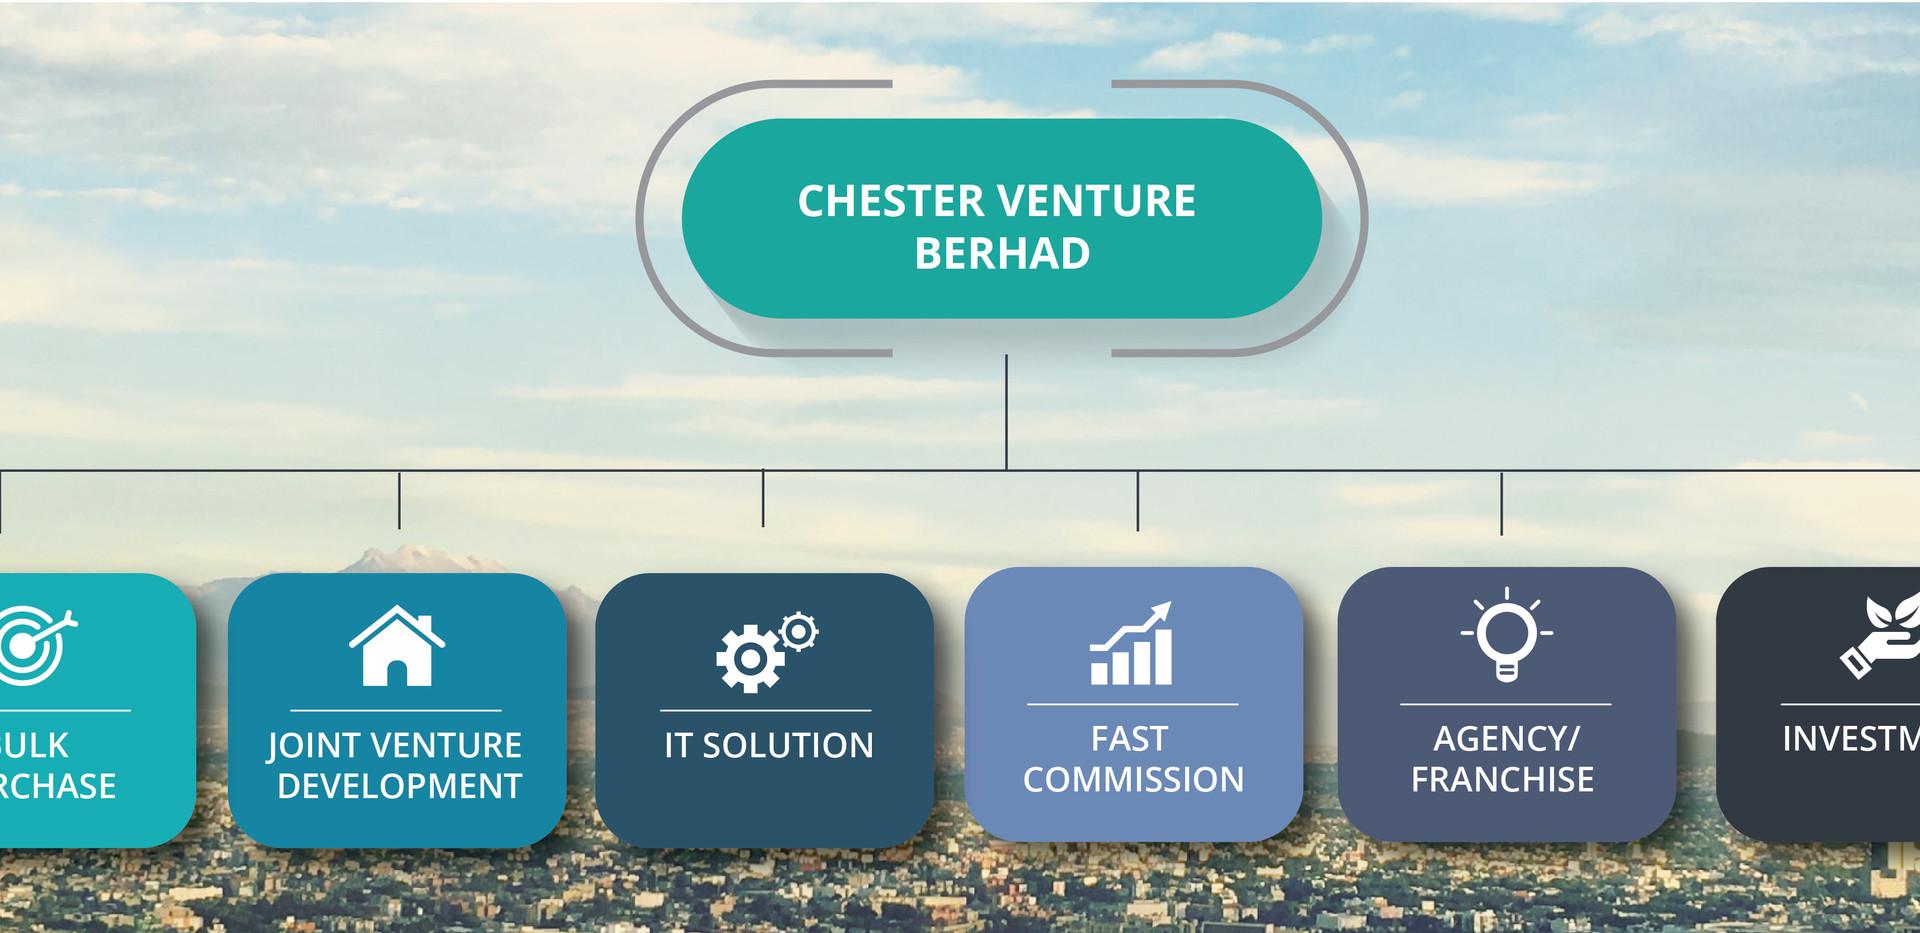 6 divisions of CVB